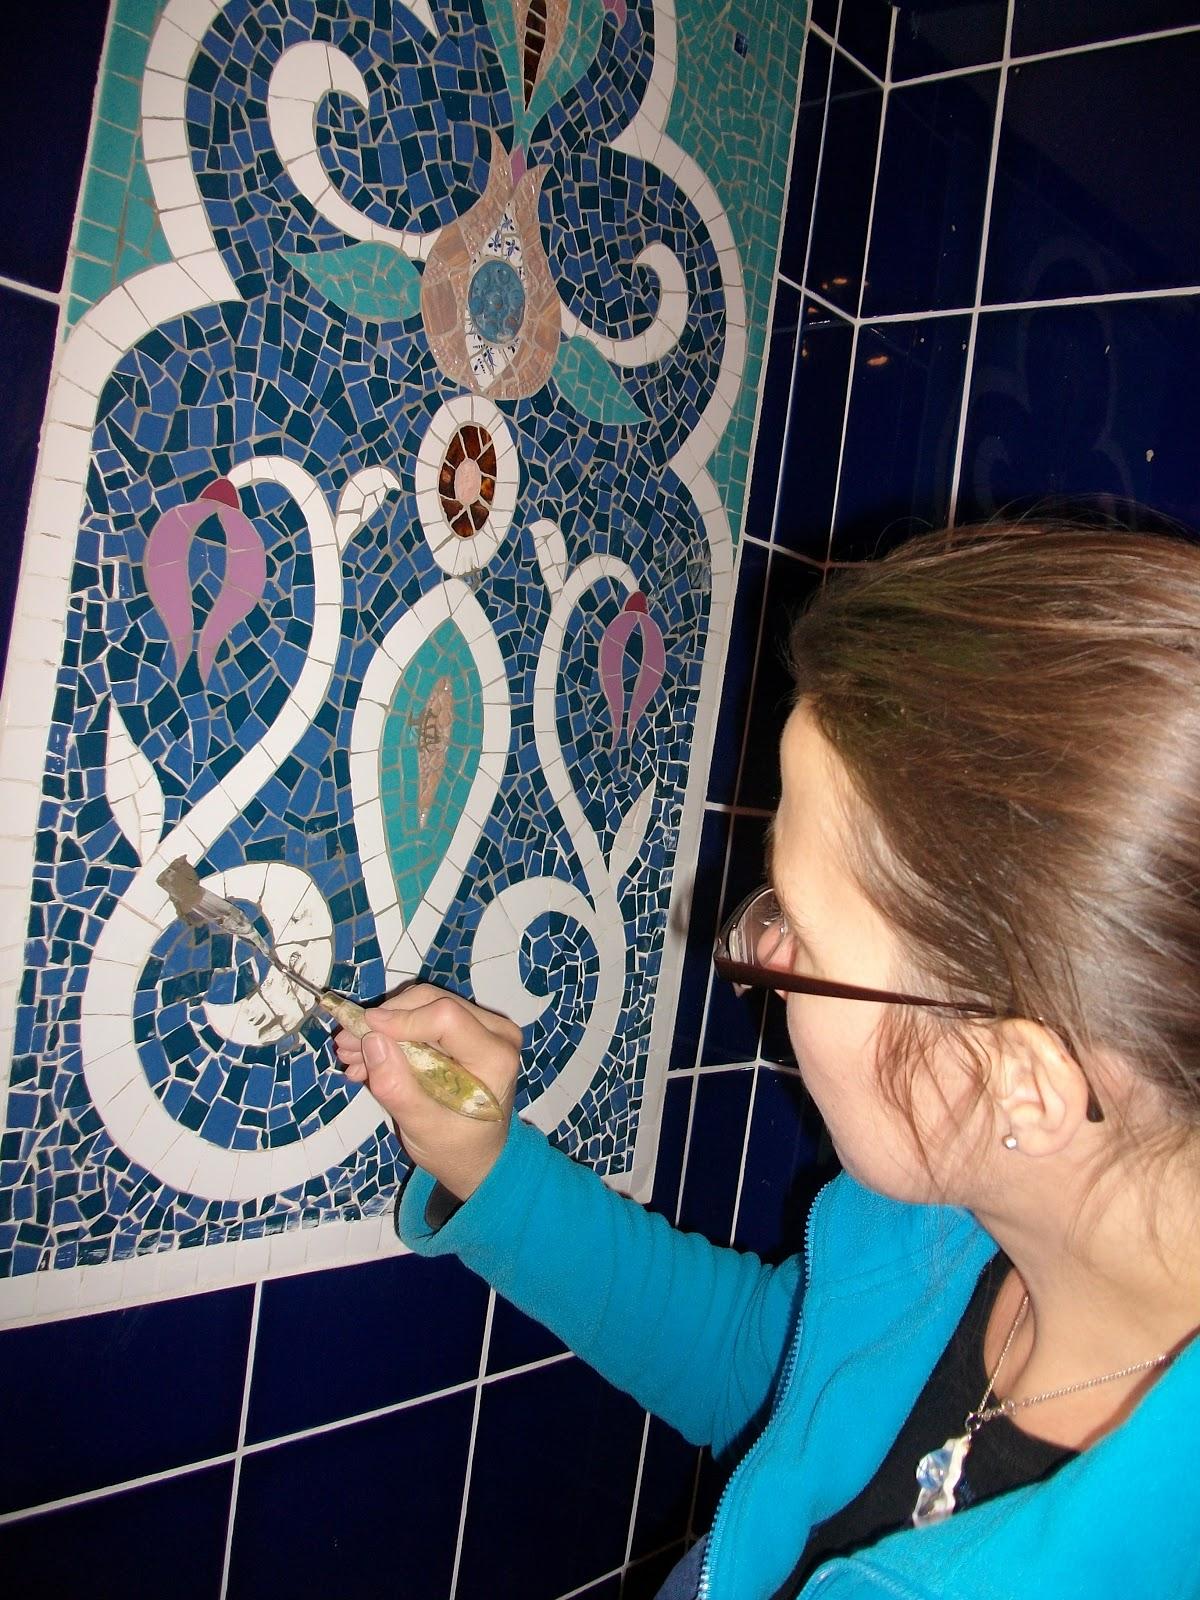 création sur commande de panneaux décoratifs en mosaique pour salles de bains par mimi vermicelle